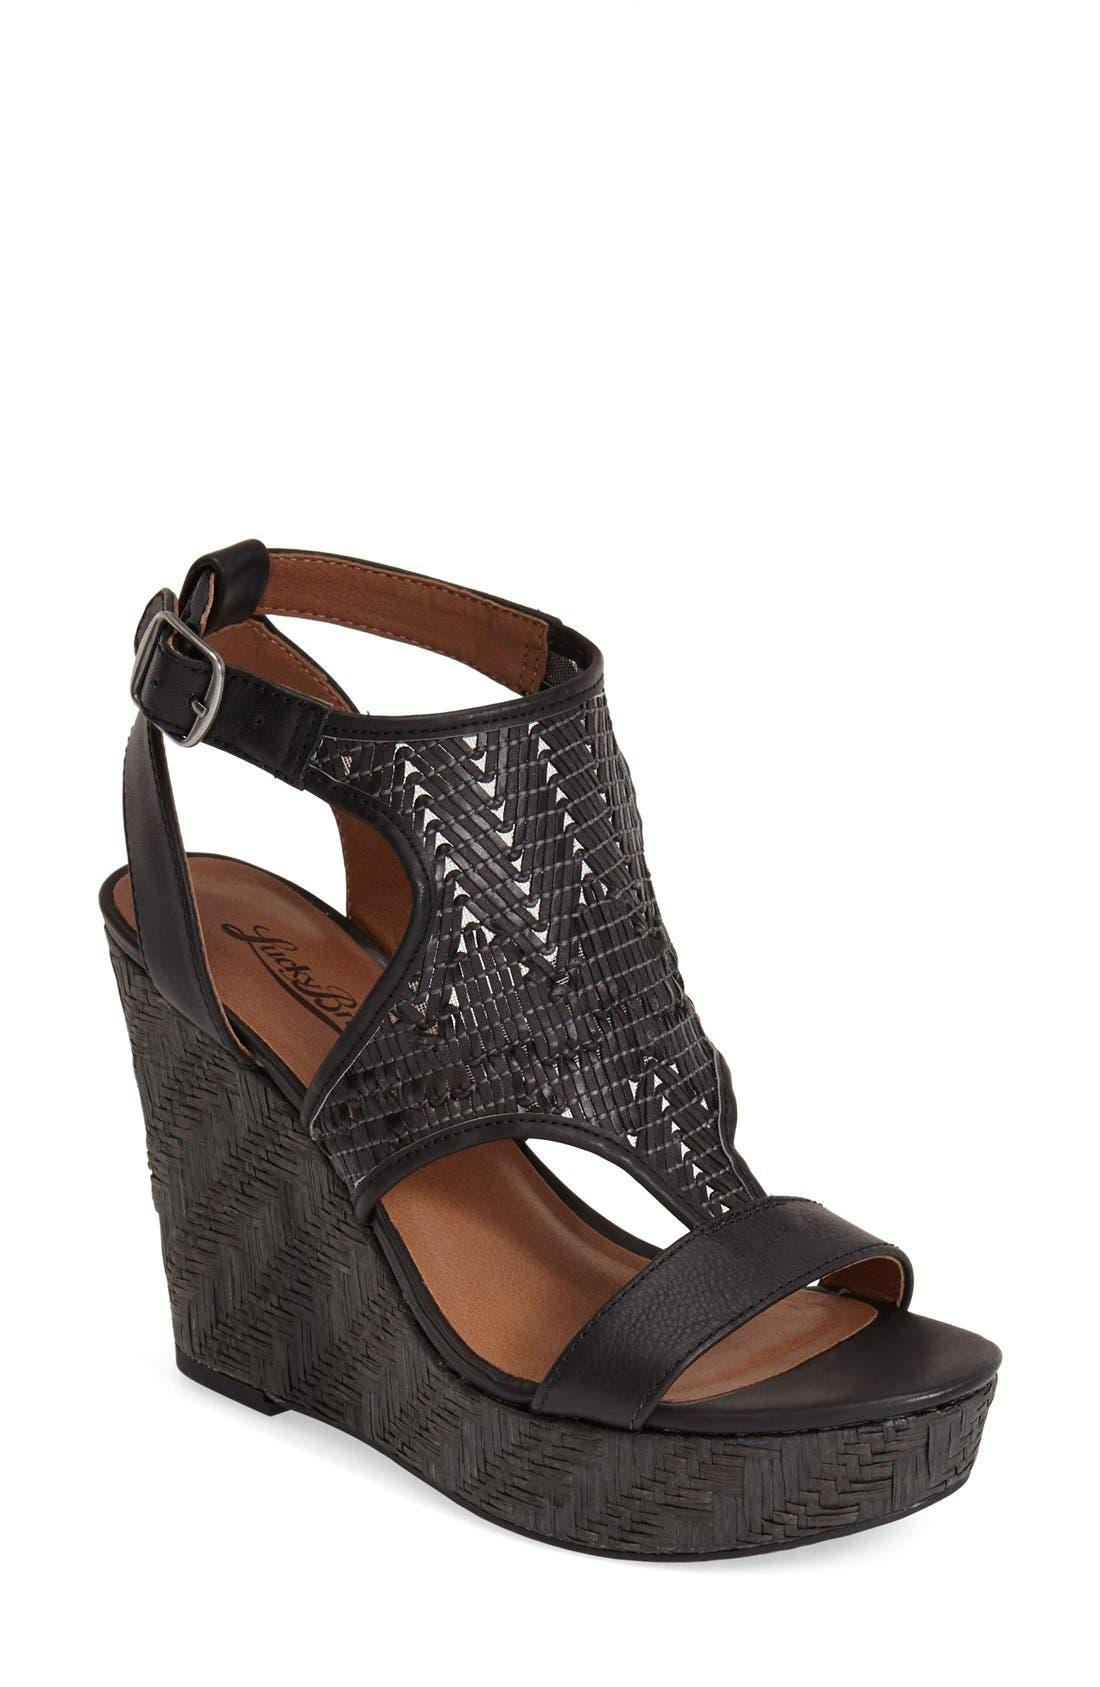 Main Image - Lucky Brand 'Laffertie' T-Strap Wedge Sandal (Women)